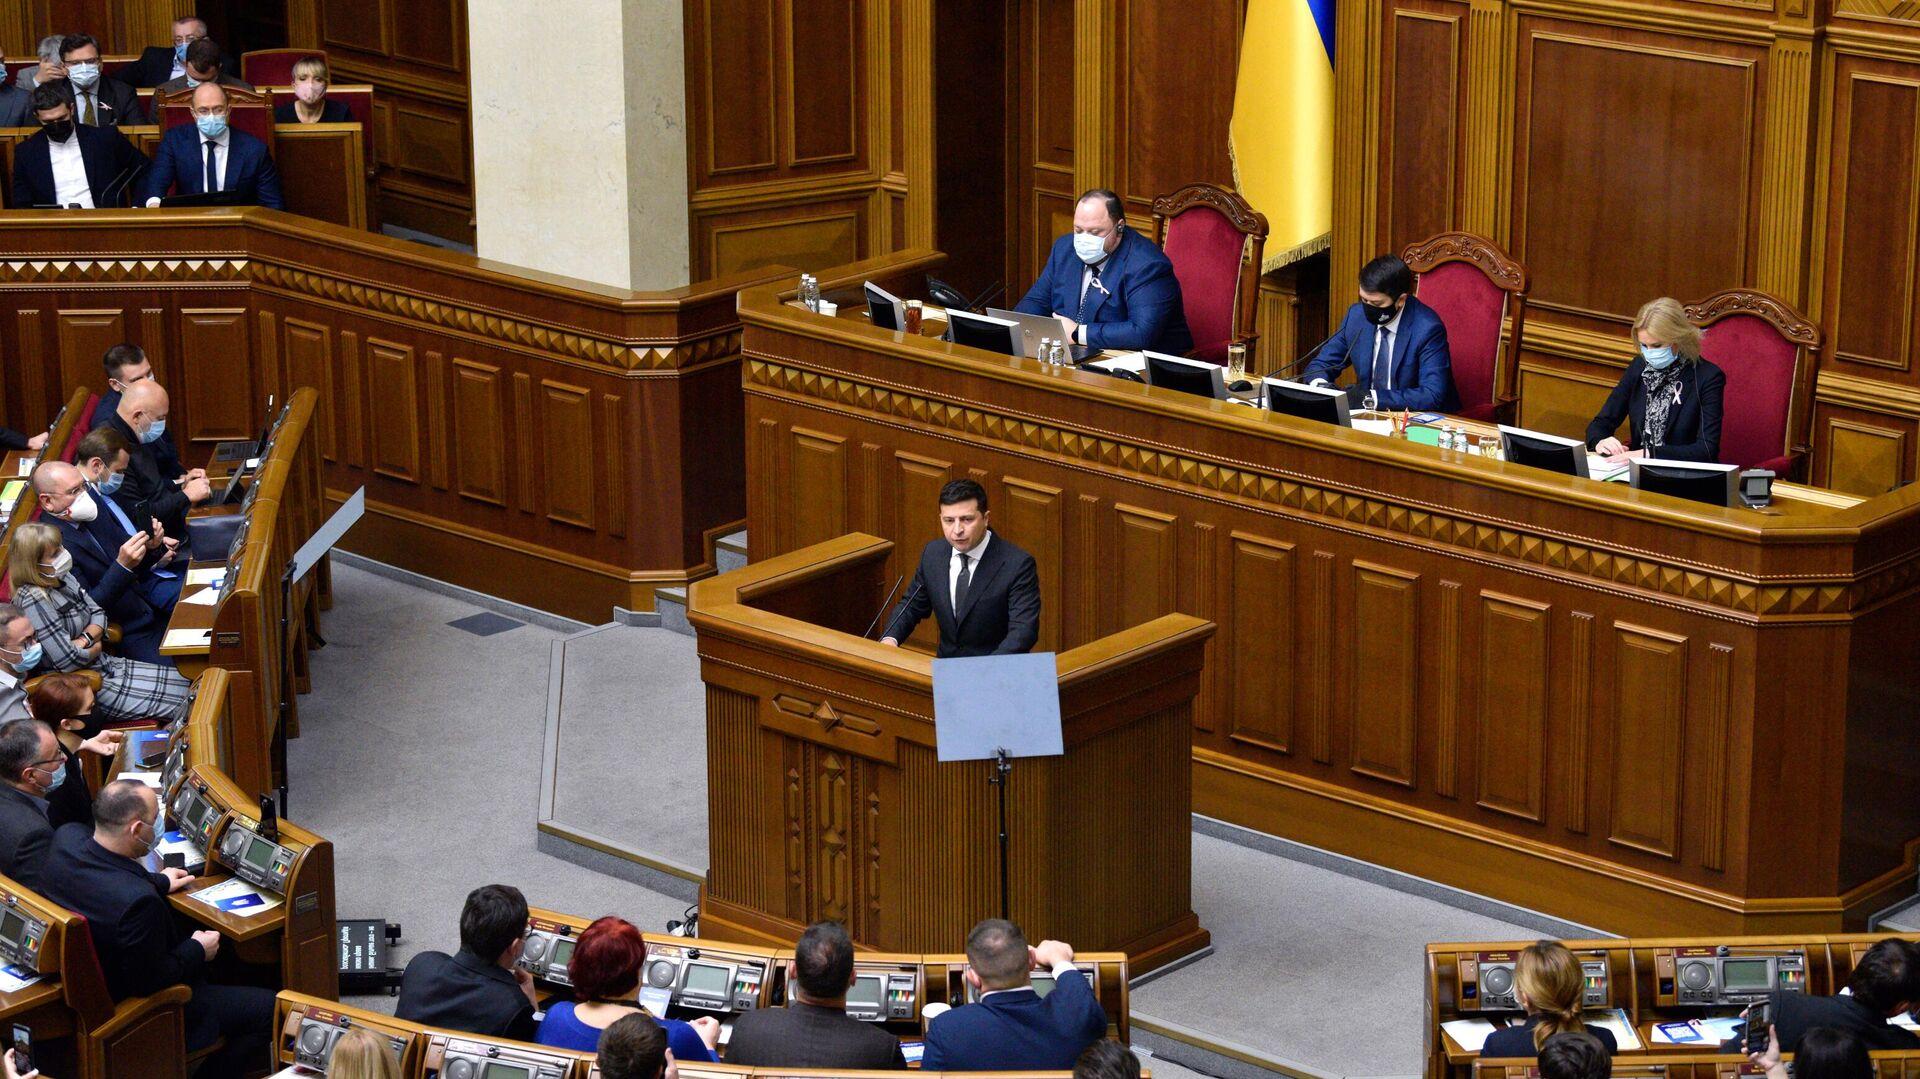 Президент Украины Владимир Зеленский выступает в Верховной Раде - РИА Новости, 1920, 03.02.2021